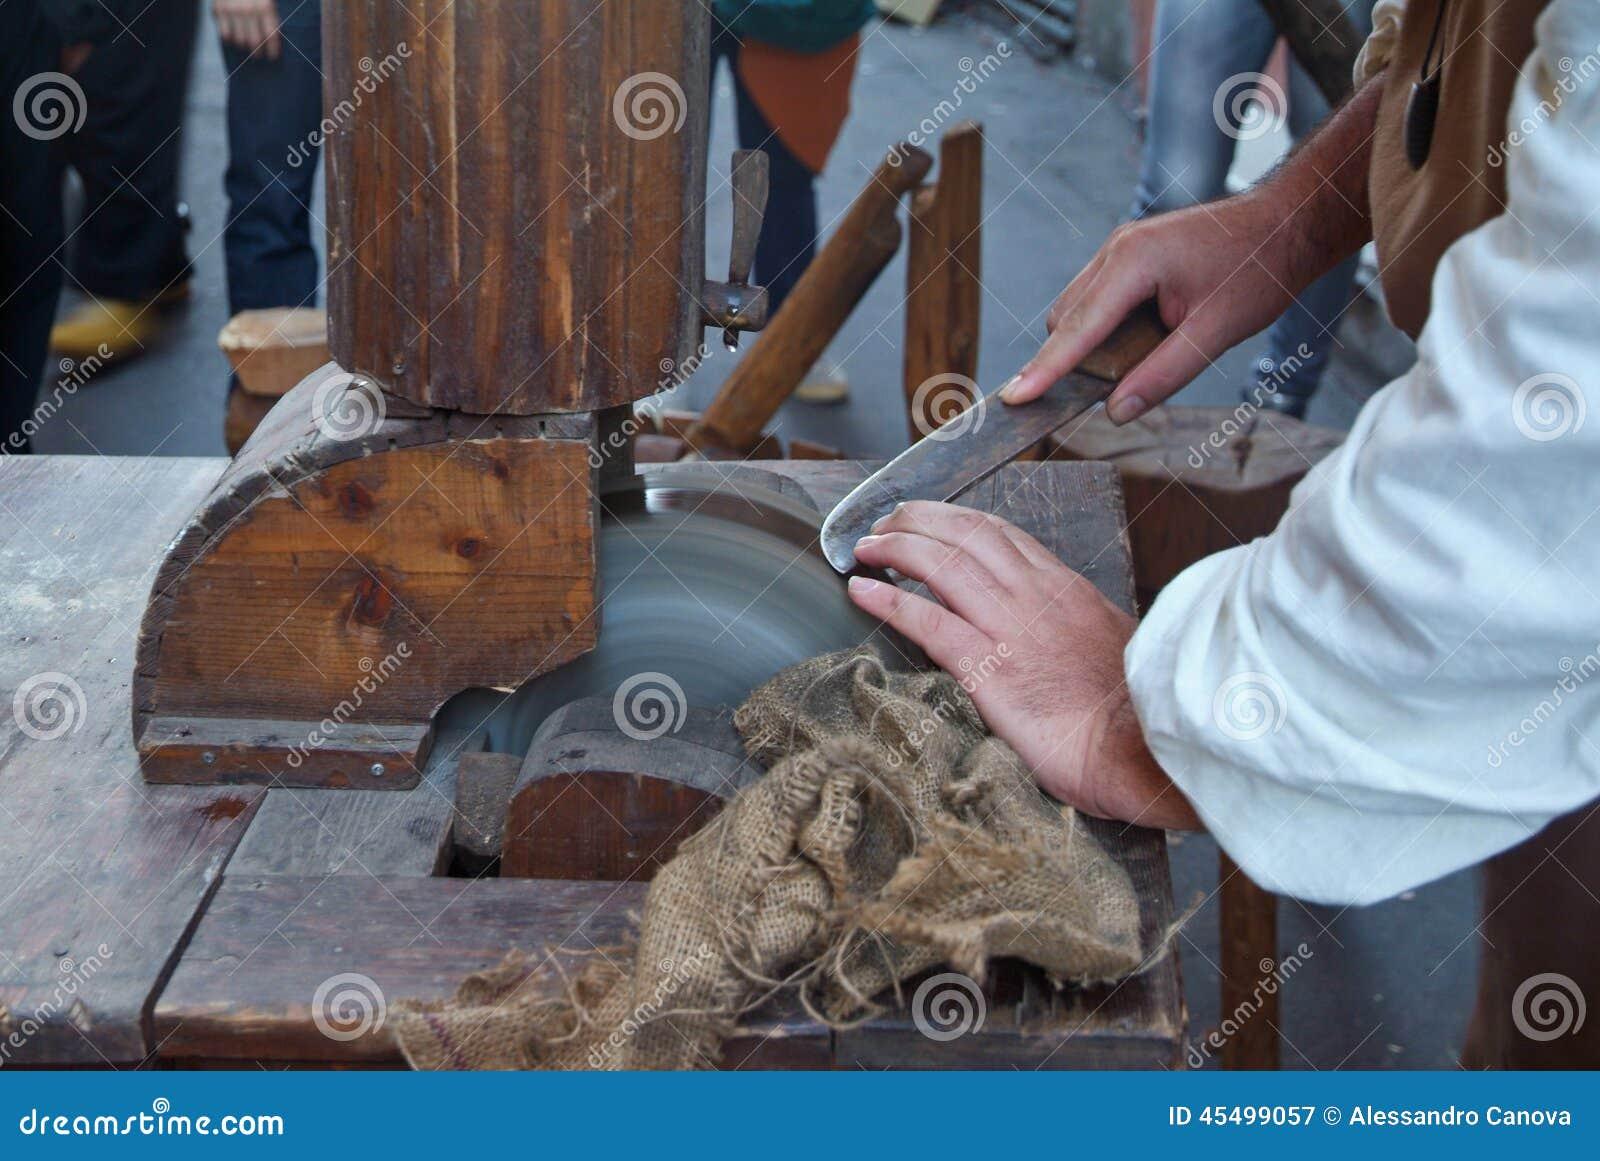 刀子研磨机barbarossa记念